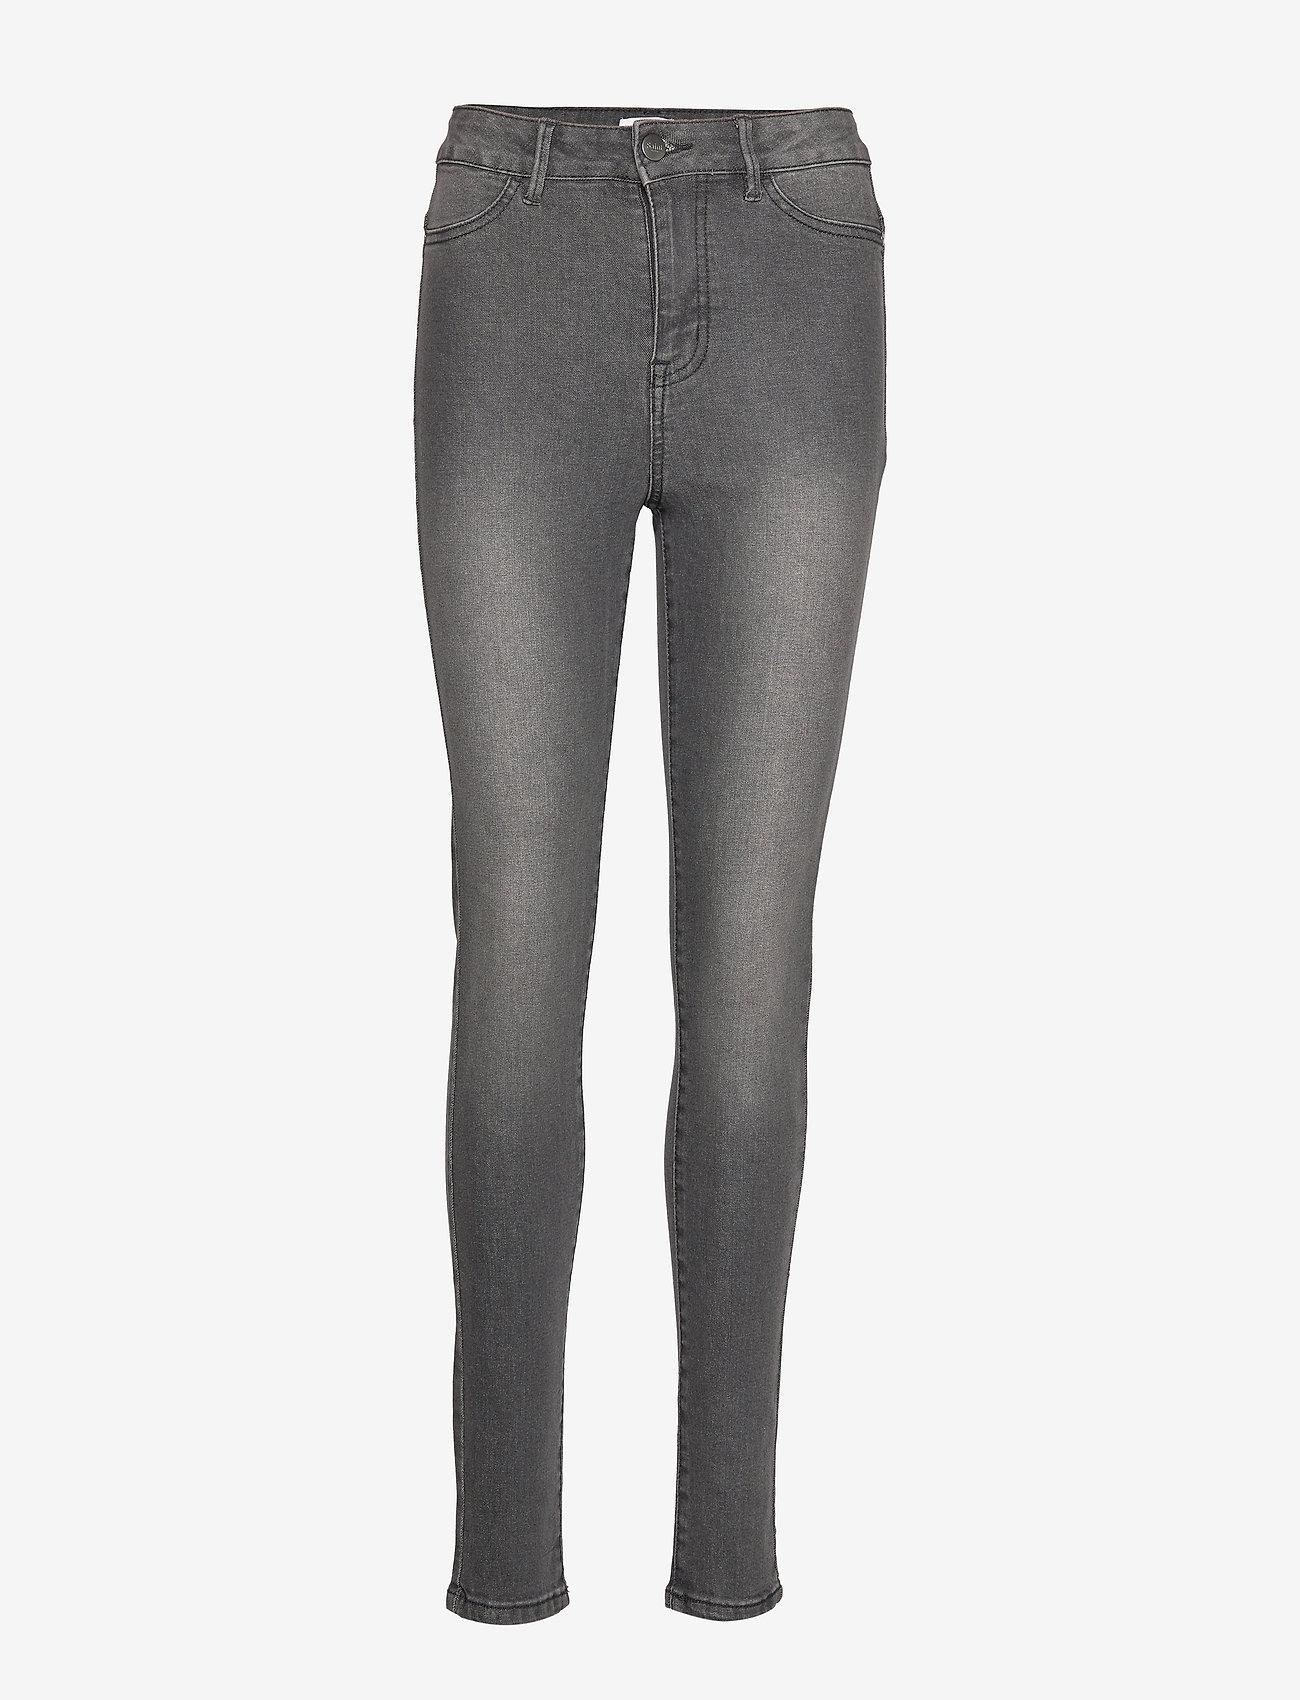 Saint Tropez - T5757, TinnaSZ Jeans - skinny jeans - dk.grey - 1